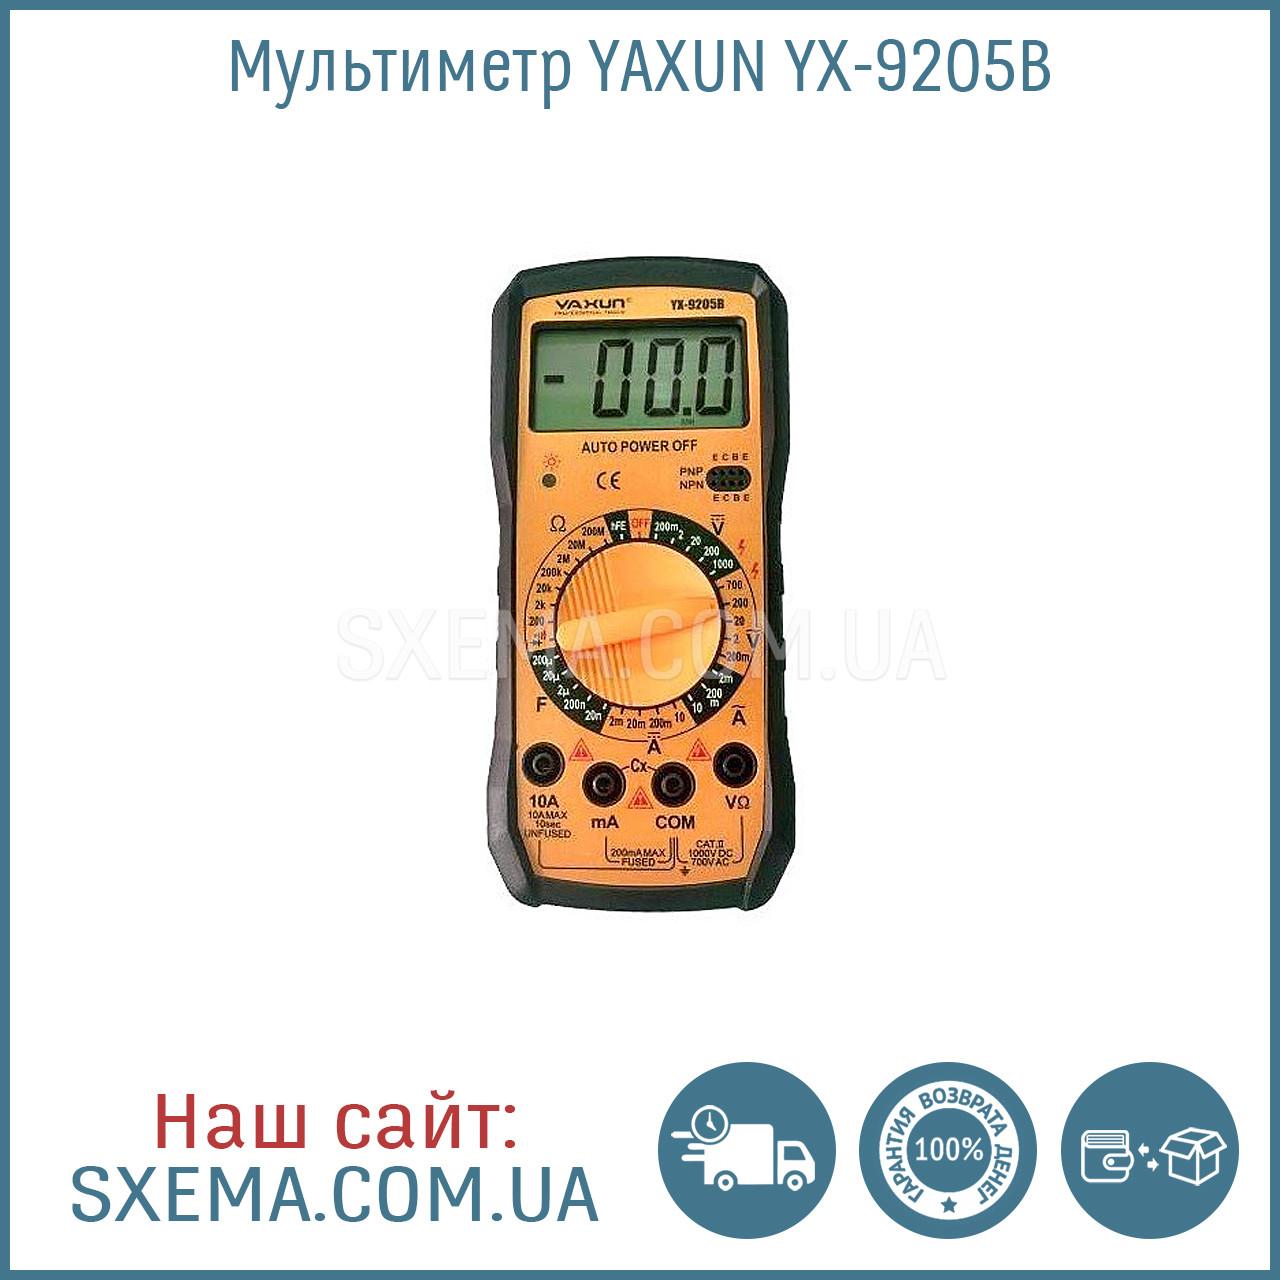 Мультиметр YAXUN YX-9205B с измерением конденсаторов, напряжения, силы тока